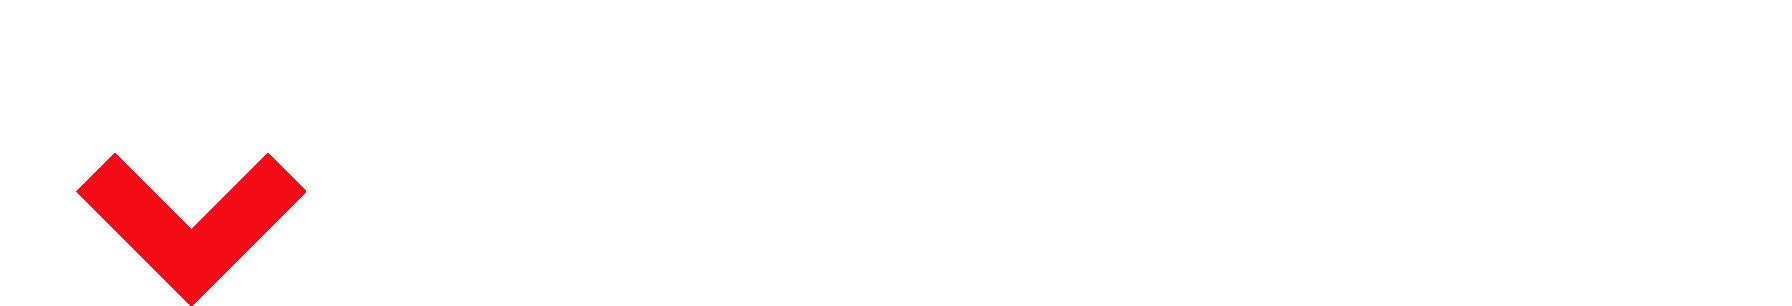 markmodeller